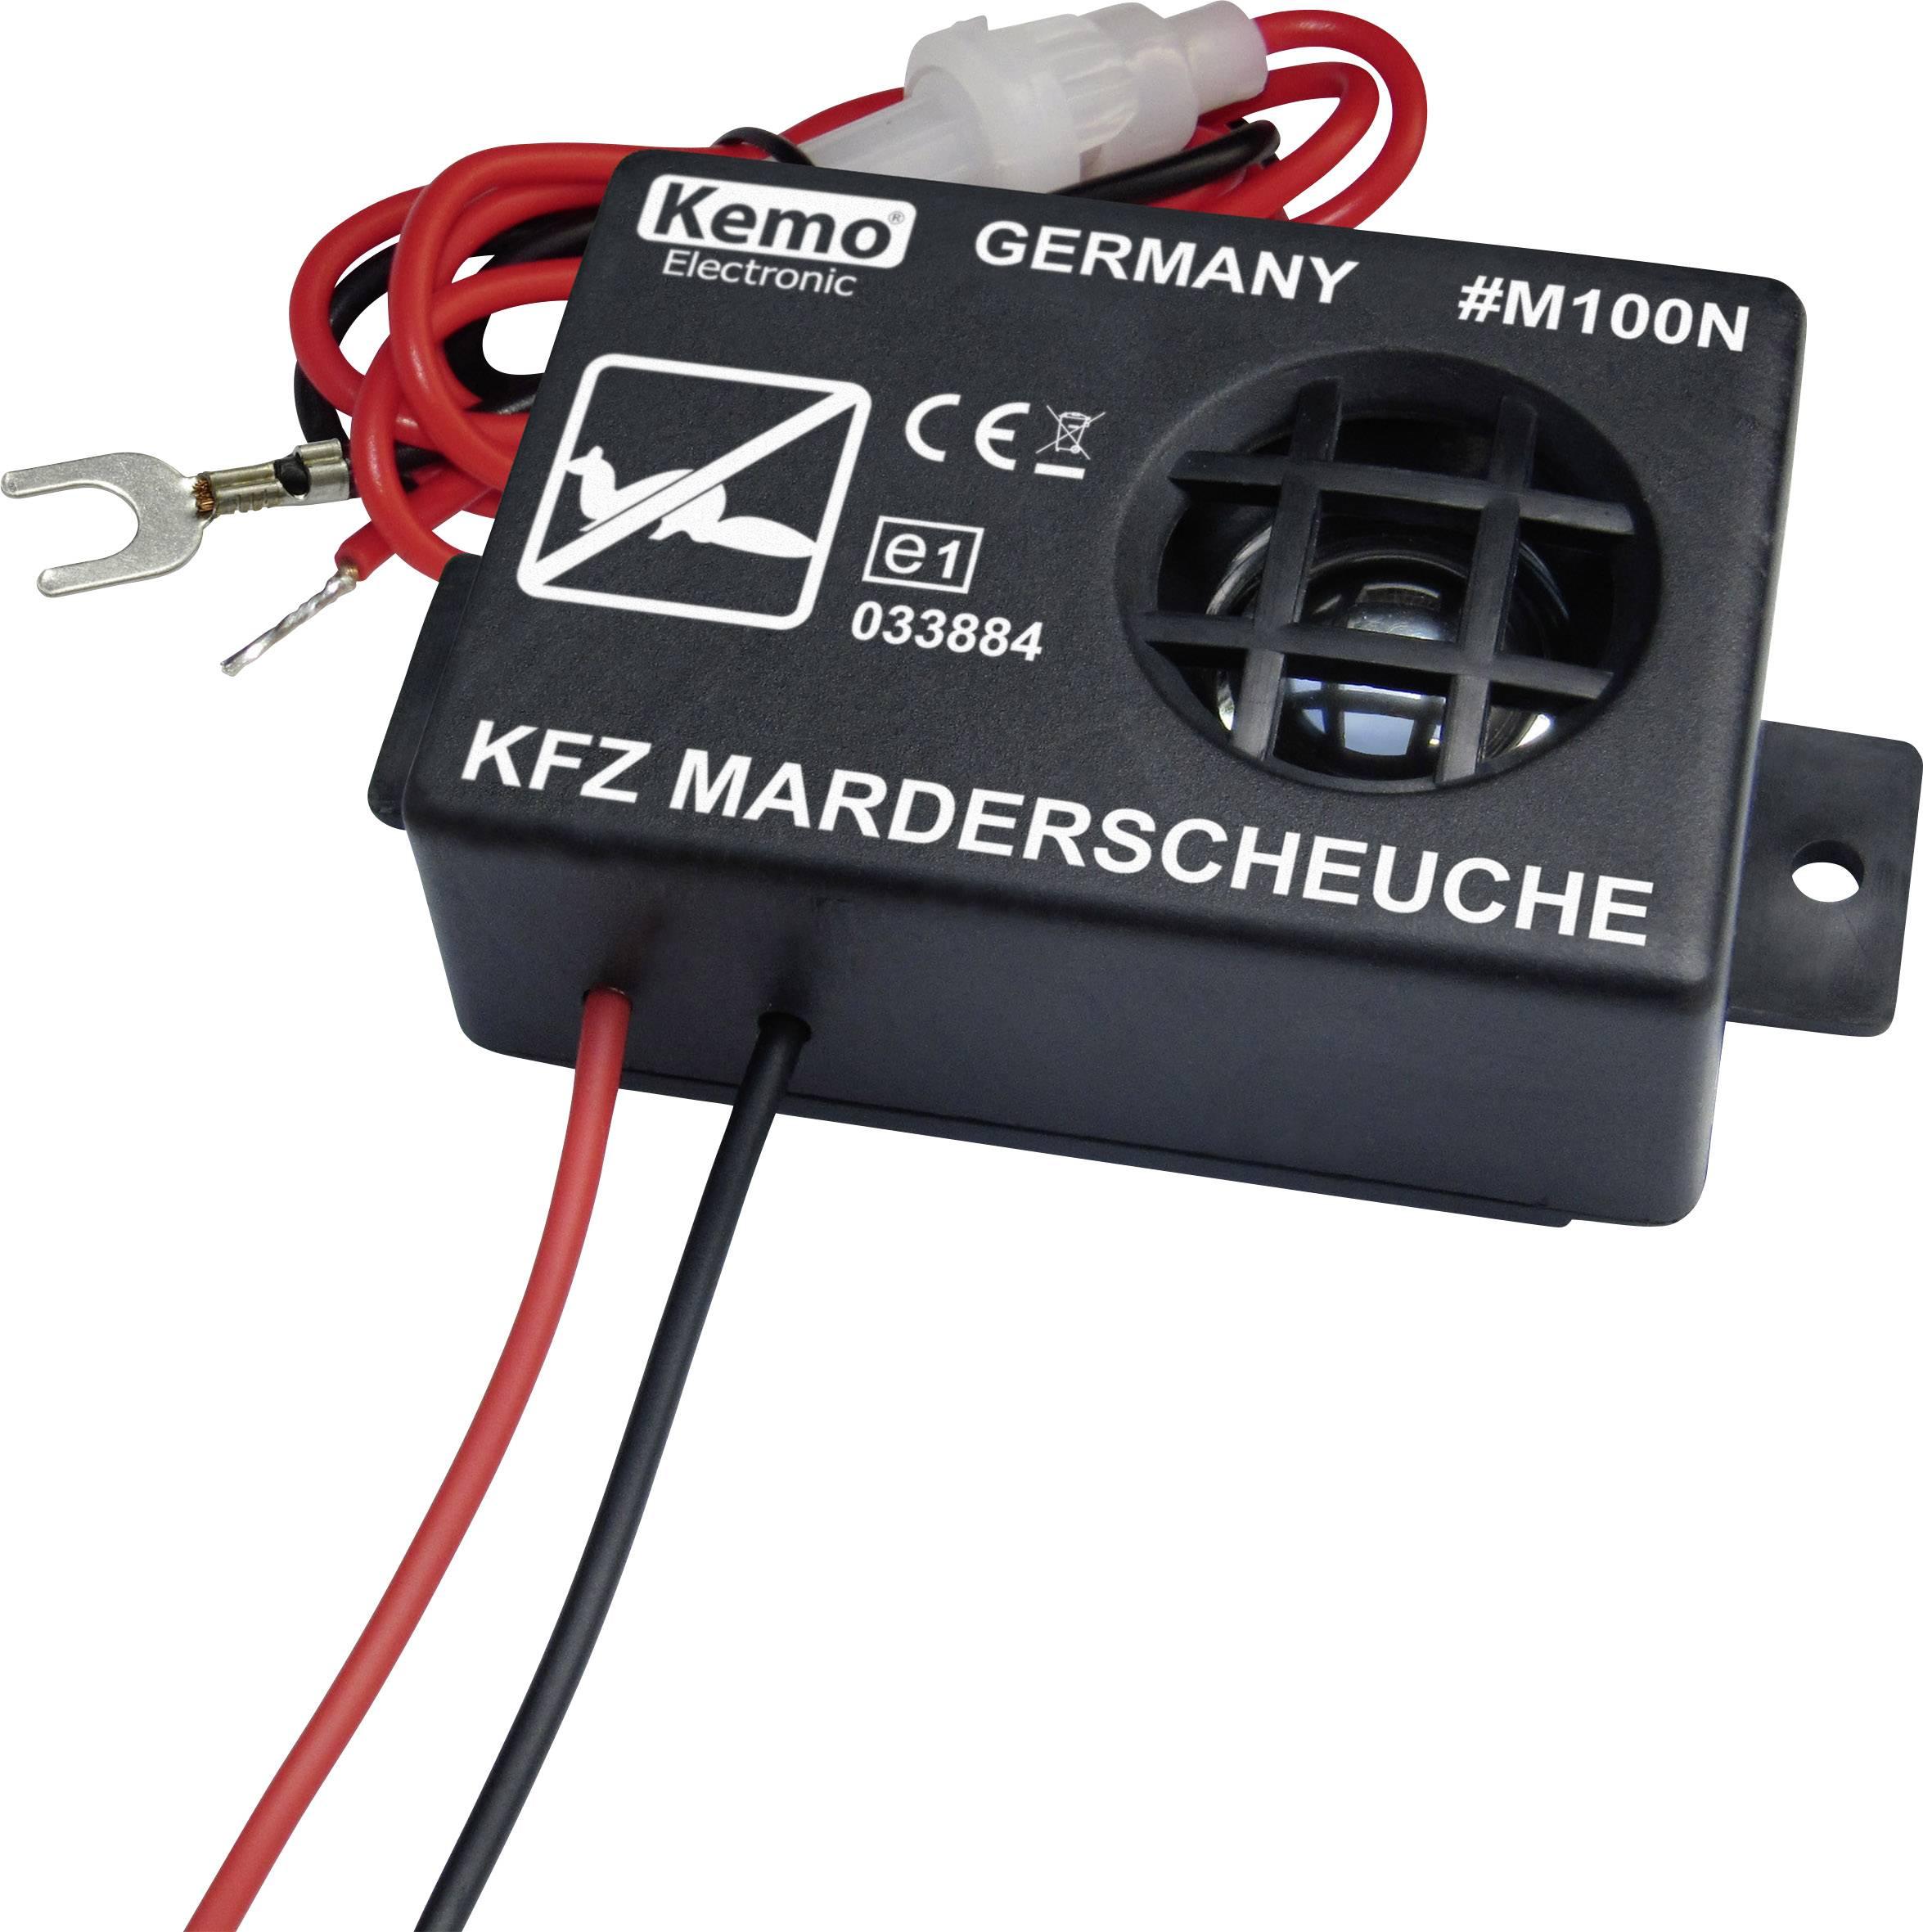 Odpuzovač kun Kemo M100N, 12 V